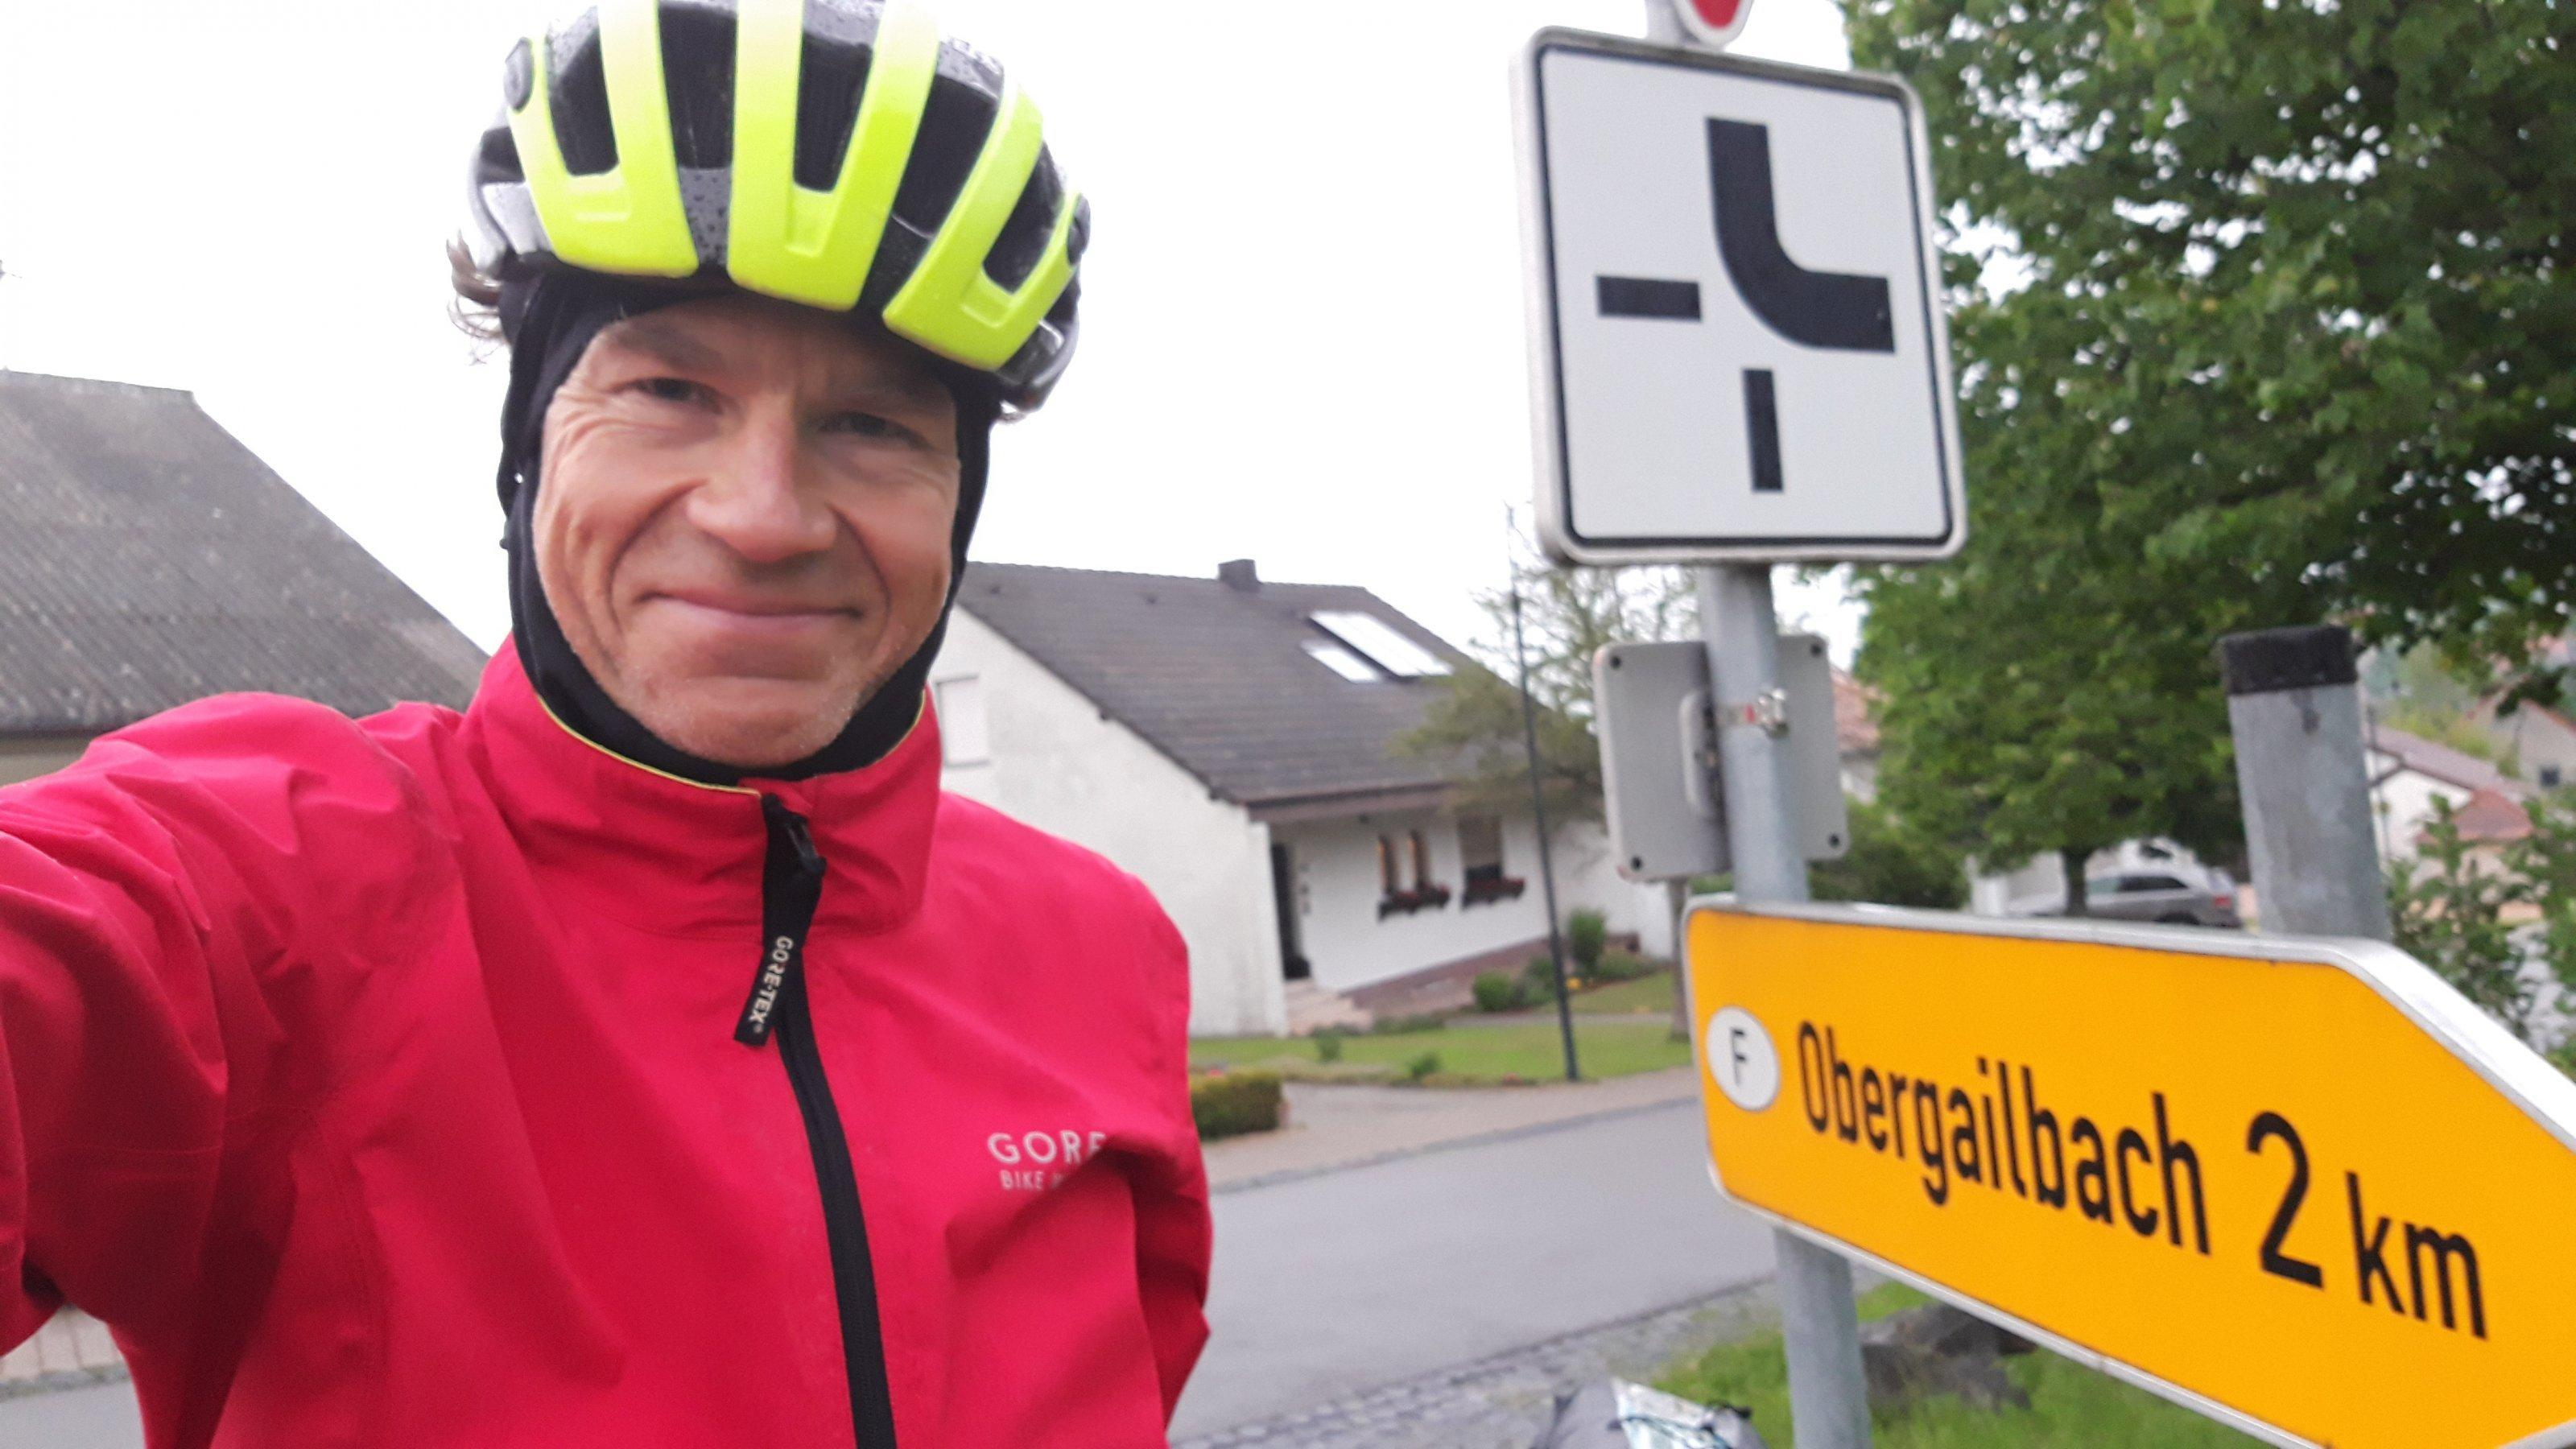 Selbstporträt des Autors am letzten Dorf auf saarländischer Seite, vor dem Hinweisschuld richtung Obergailbach.